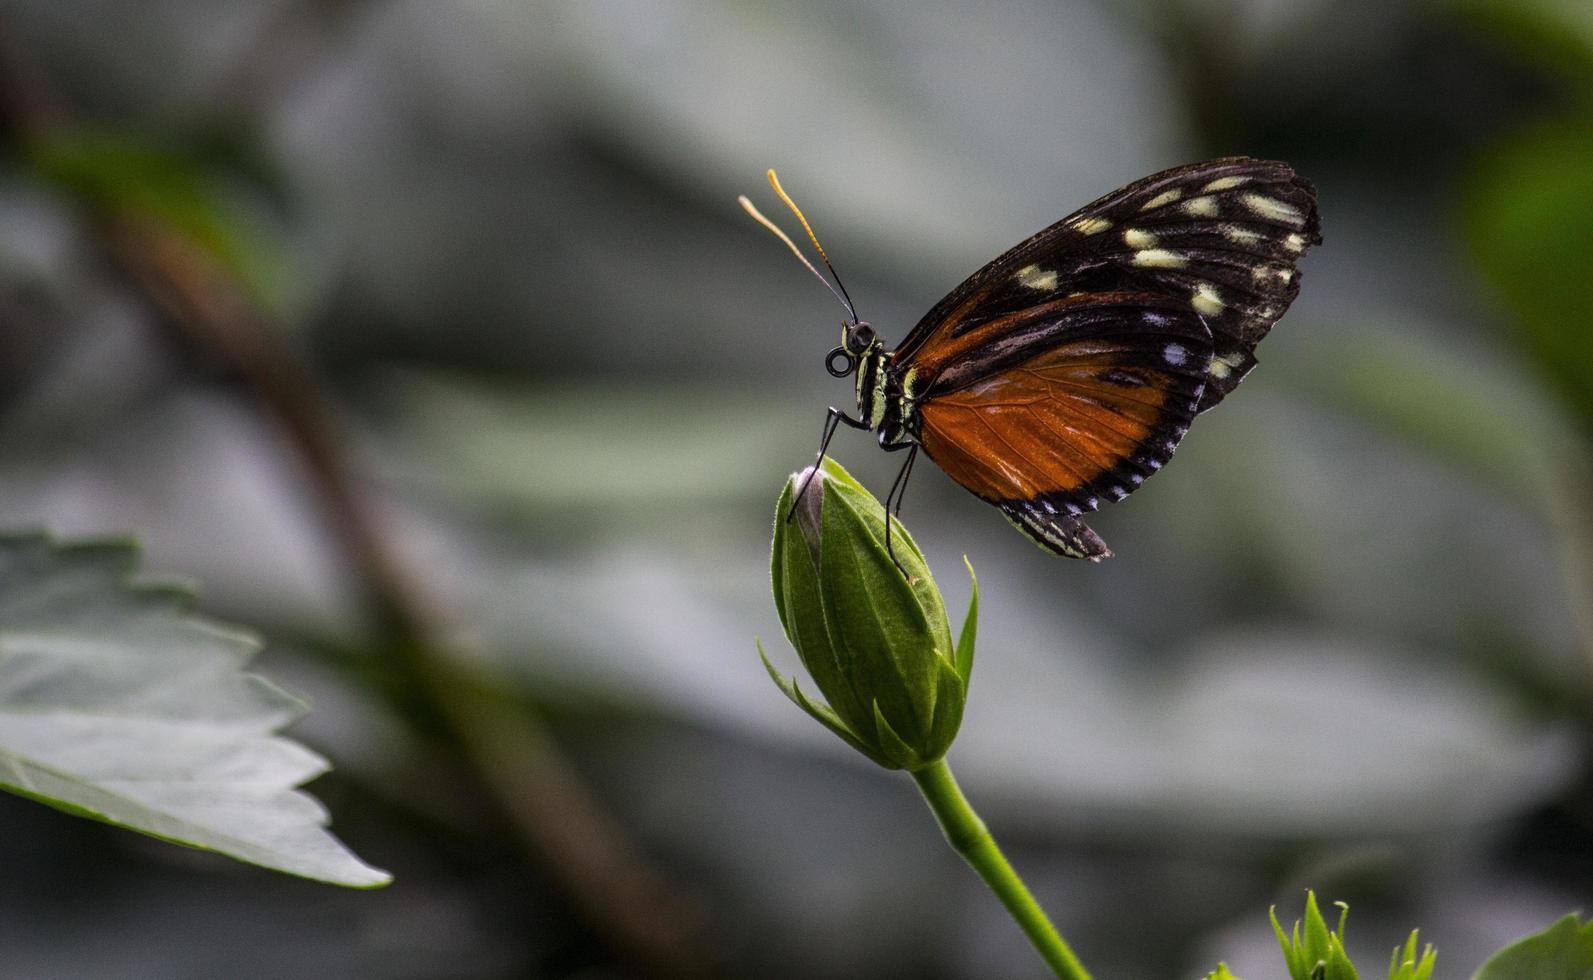 un papillon se pose sur un bouton floral dans la nature photo